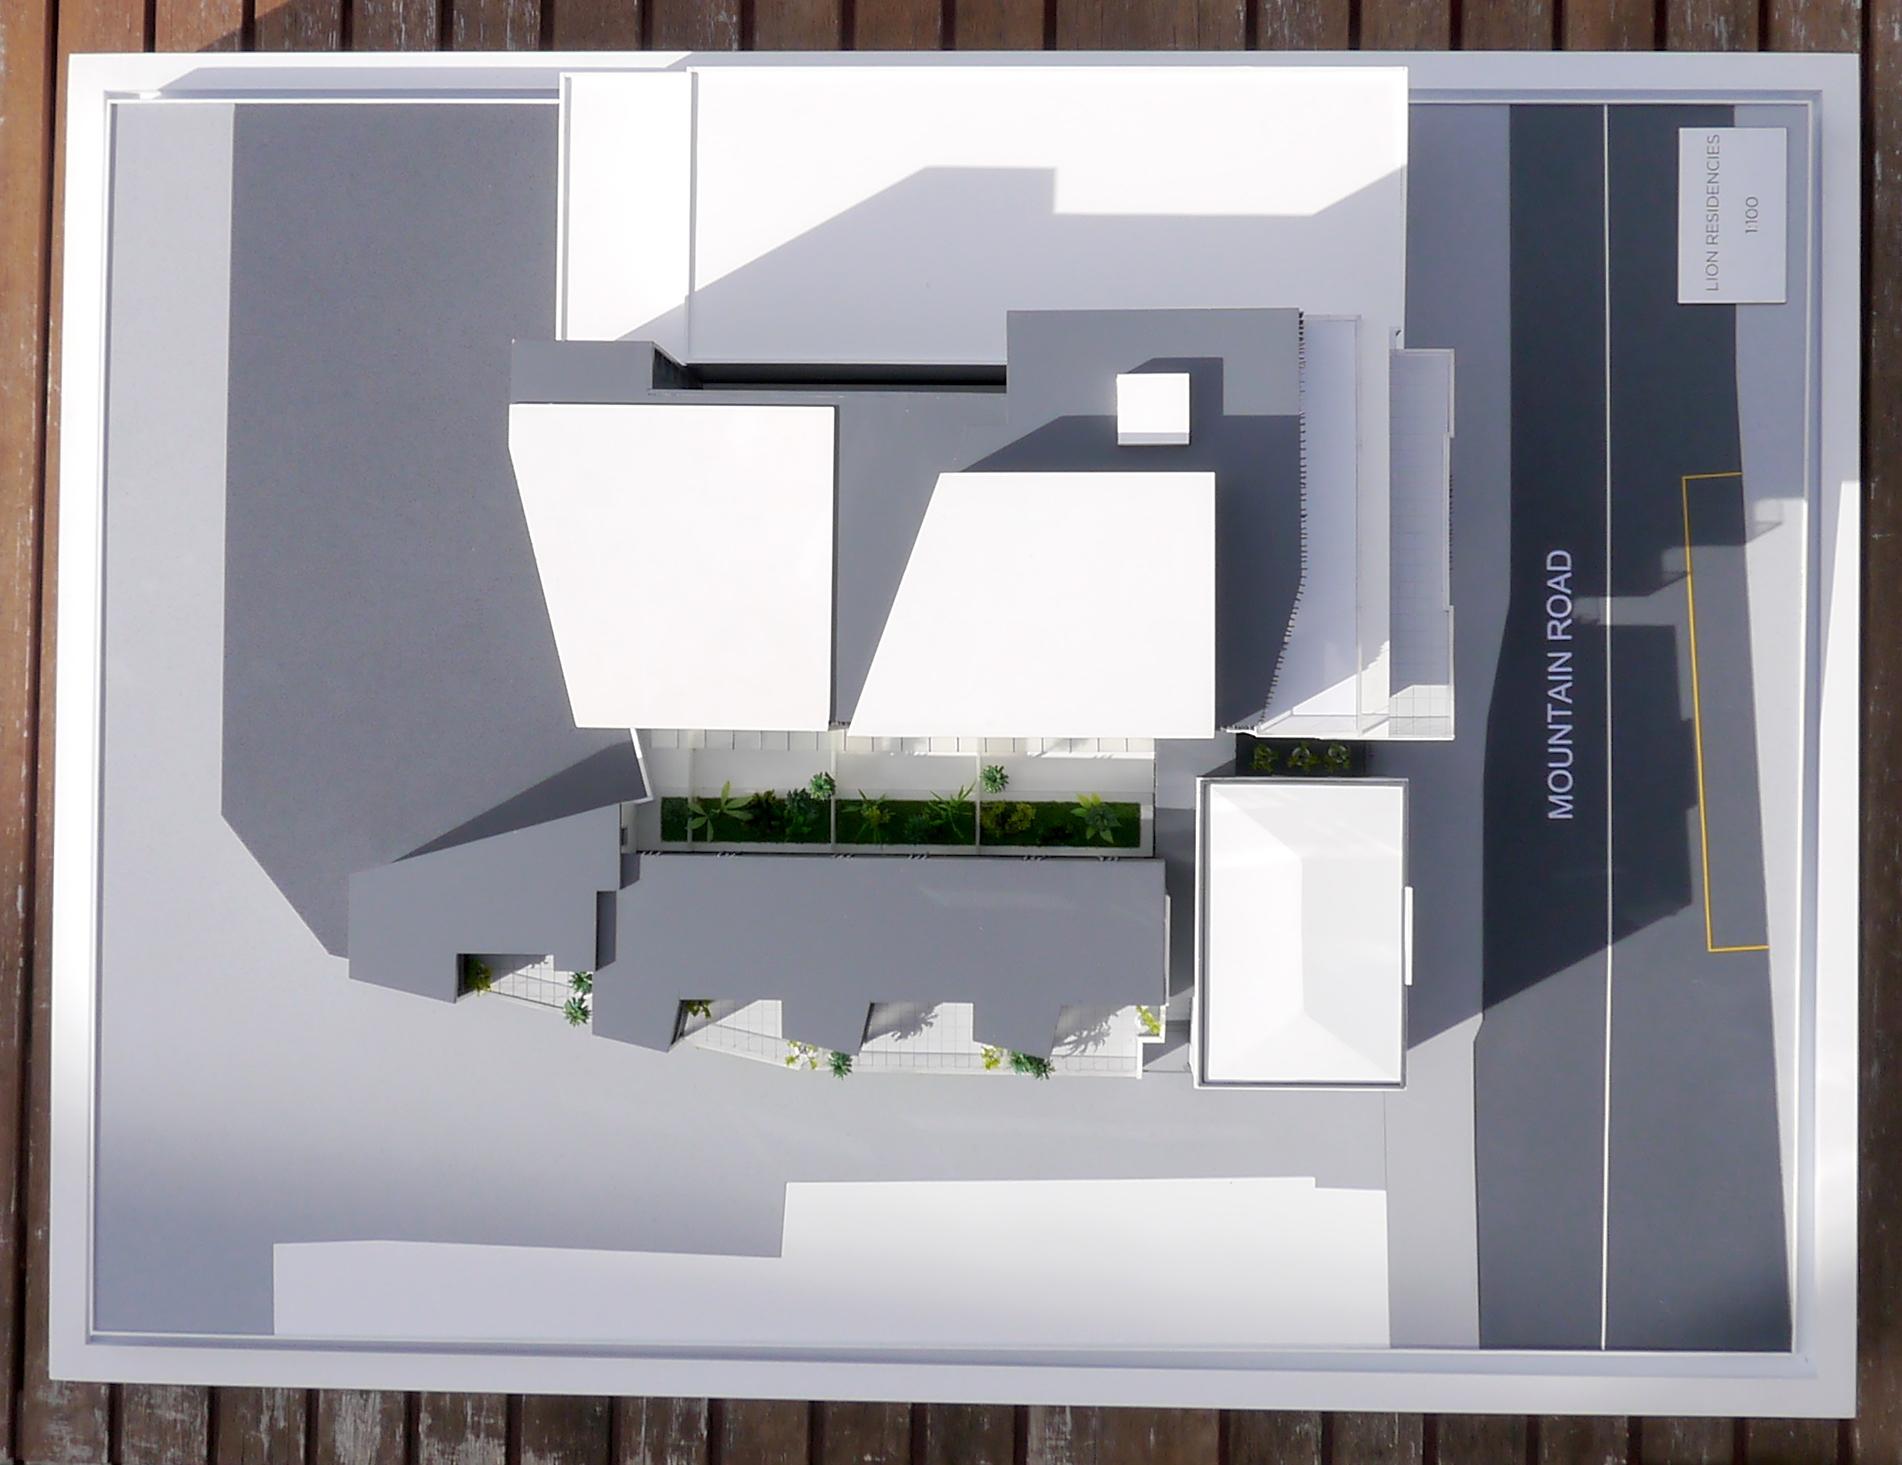 Lion Residencies Model - The Model Workshop - 3.JPG